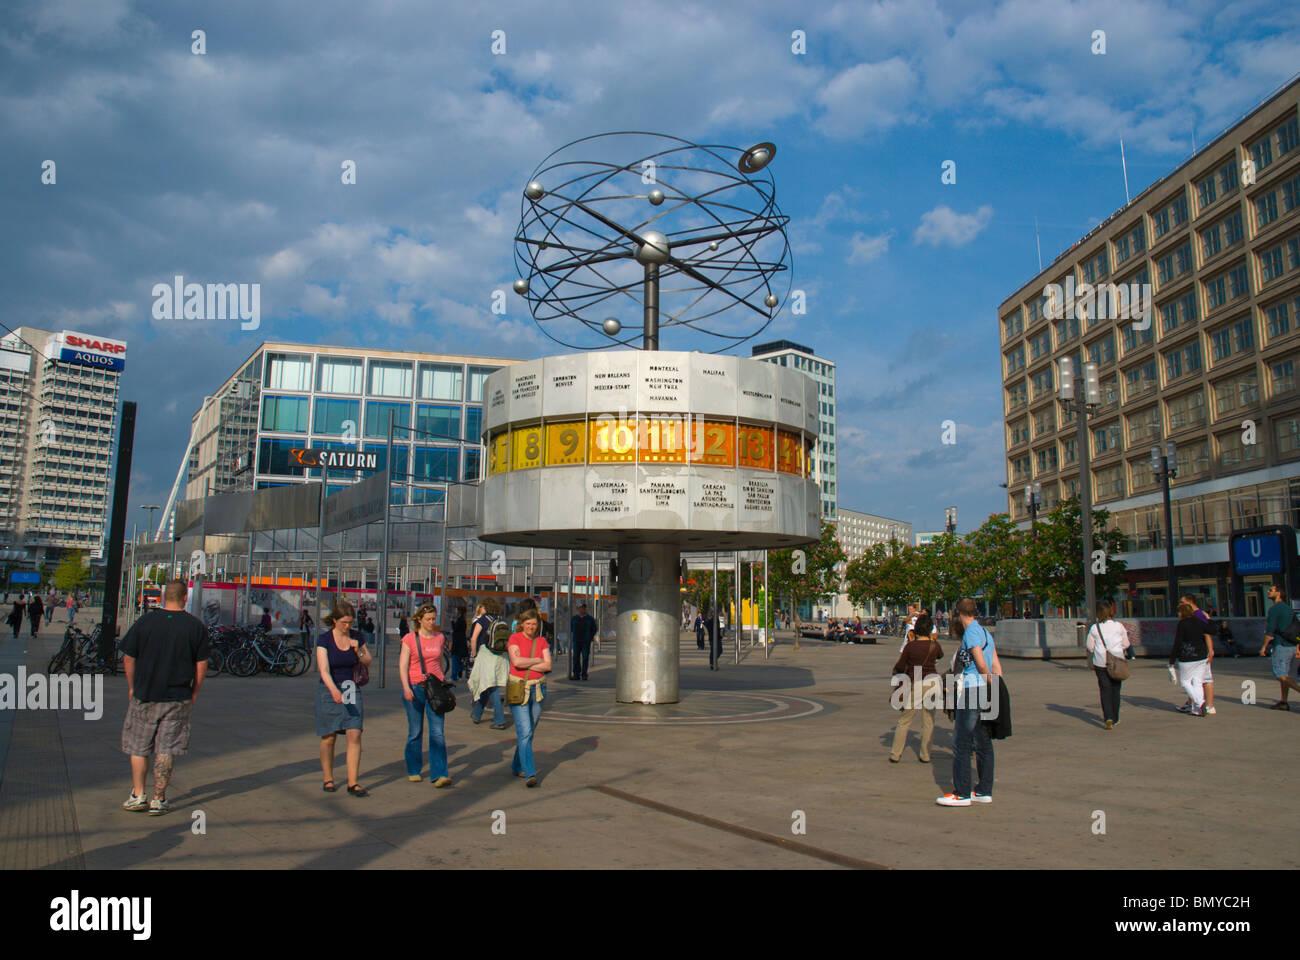 Welt Zeit Uhr Treffpunkt Alexanderplatz Mitte Ost Berliner Deutschland Europa Stockfotografie Alamy